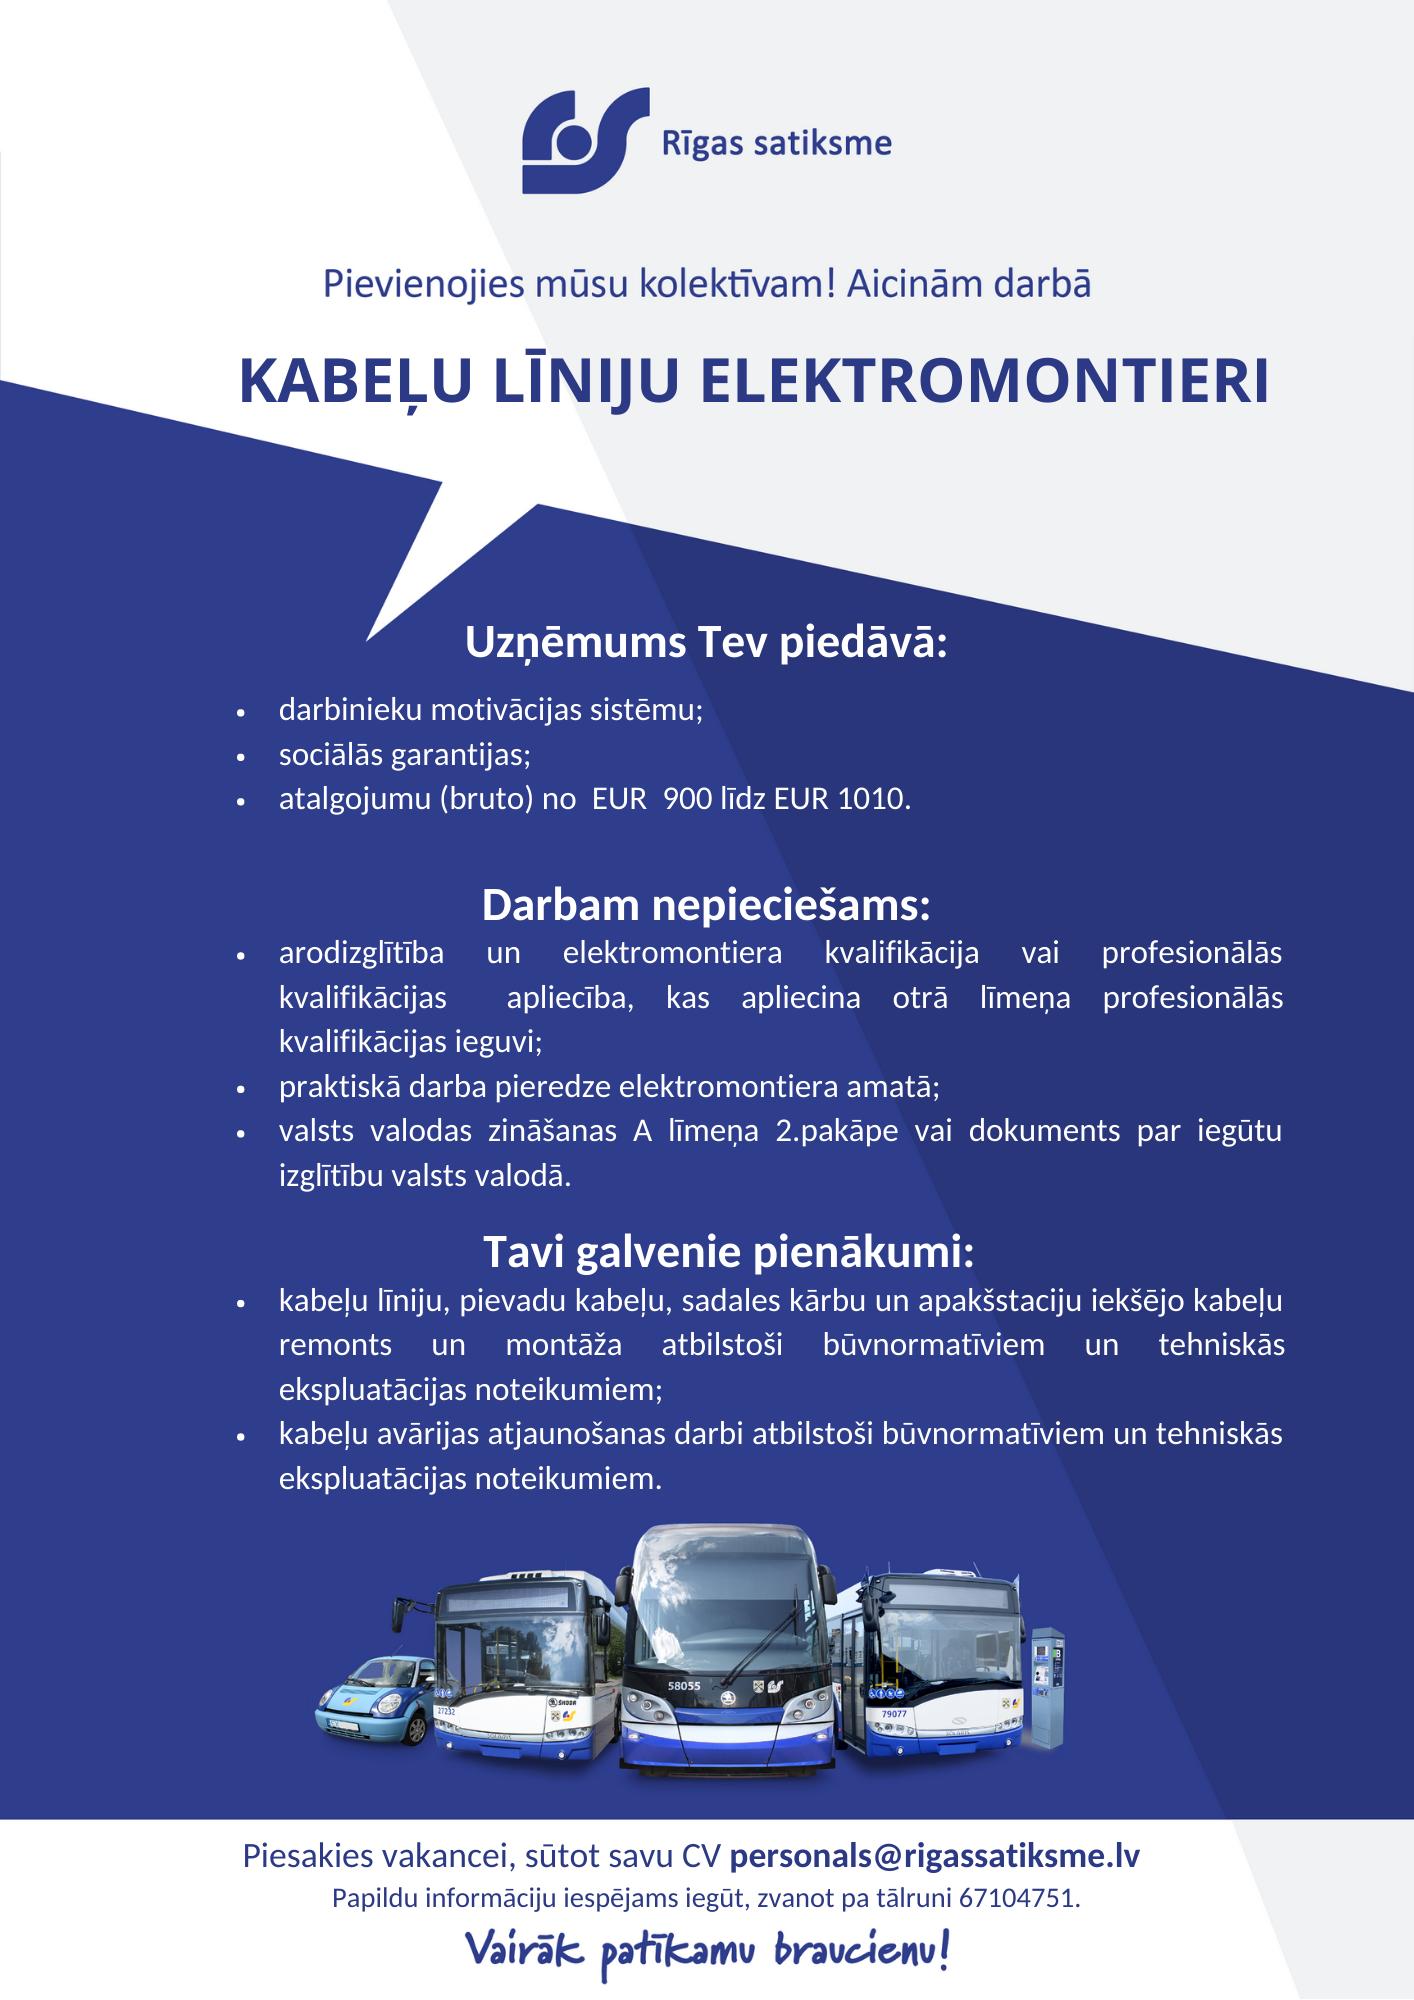 Kabelu_liniju_elektromontieris.png